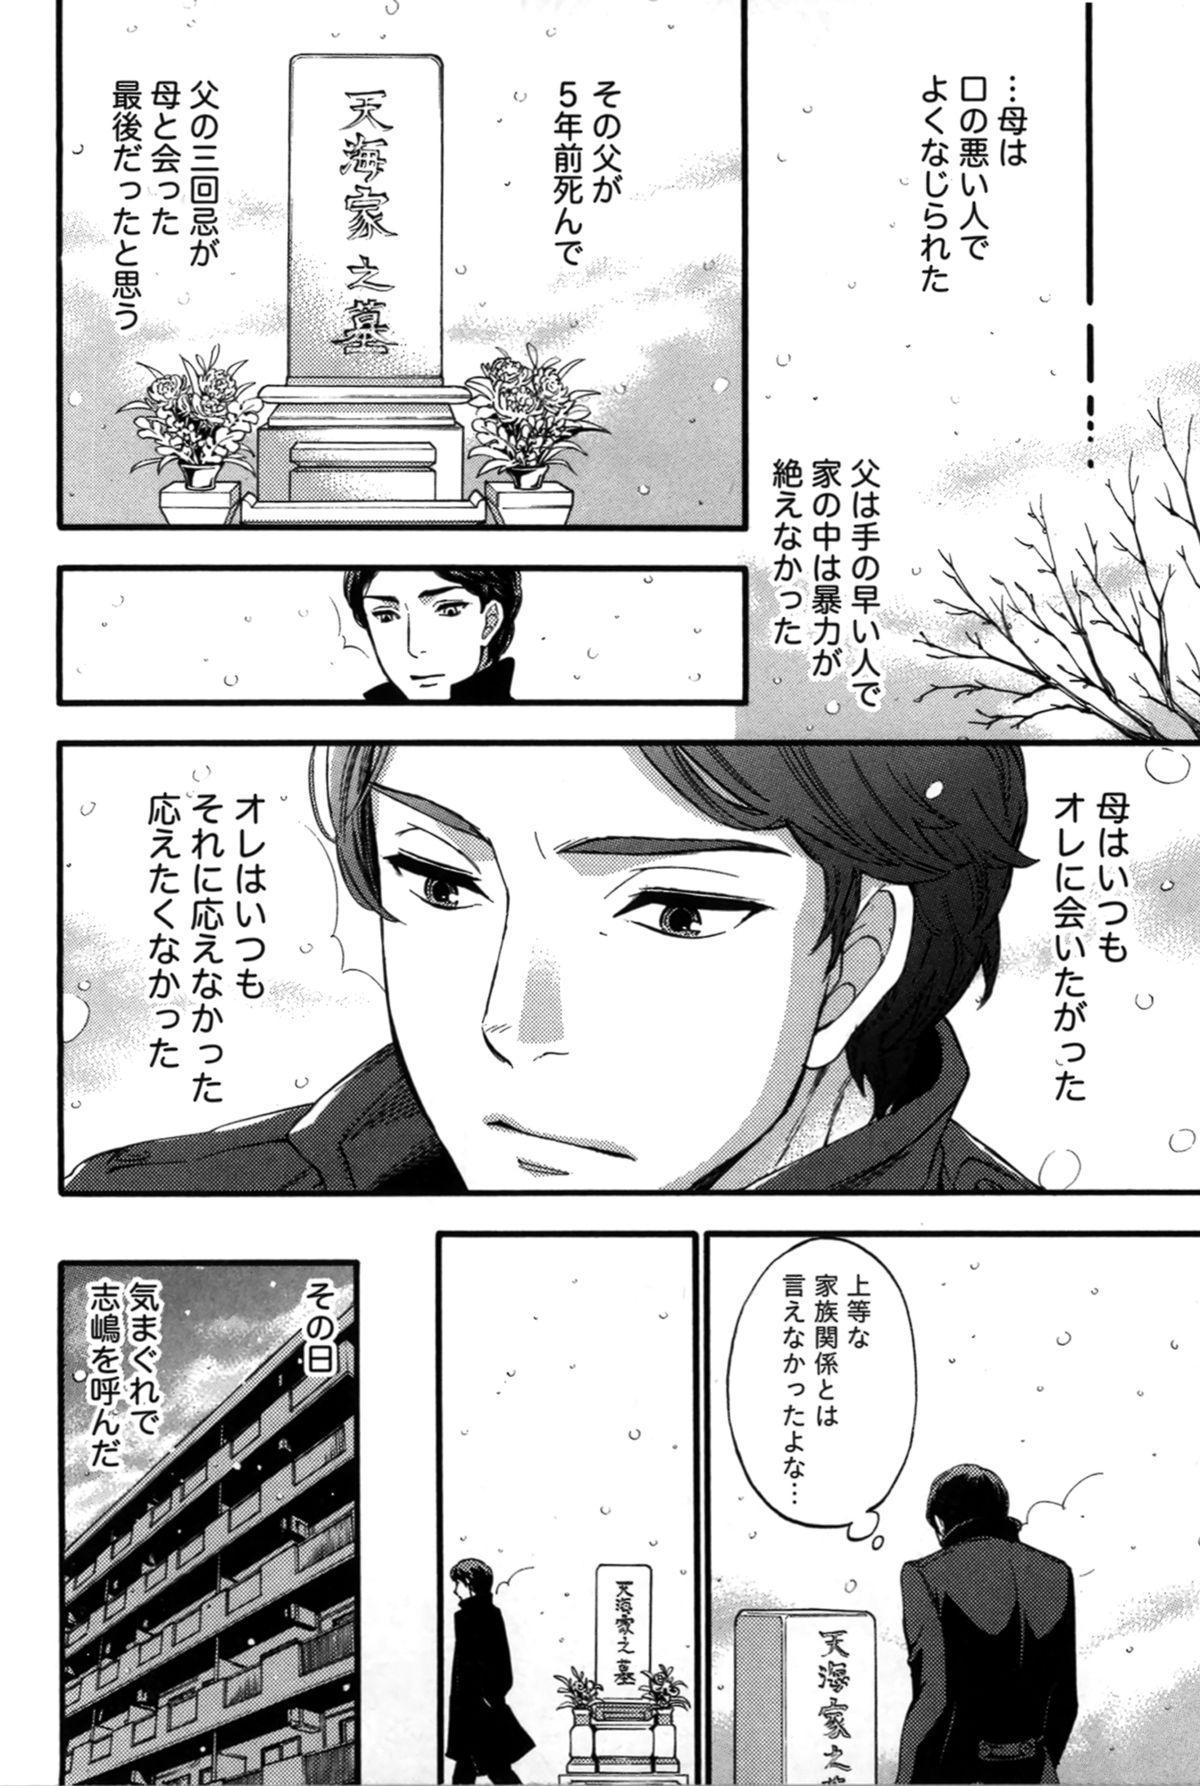 Anata to Watashi wa Warukunai 132